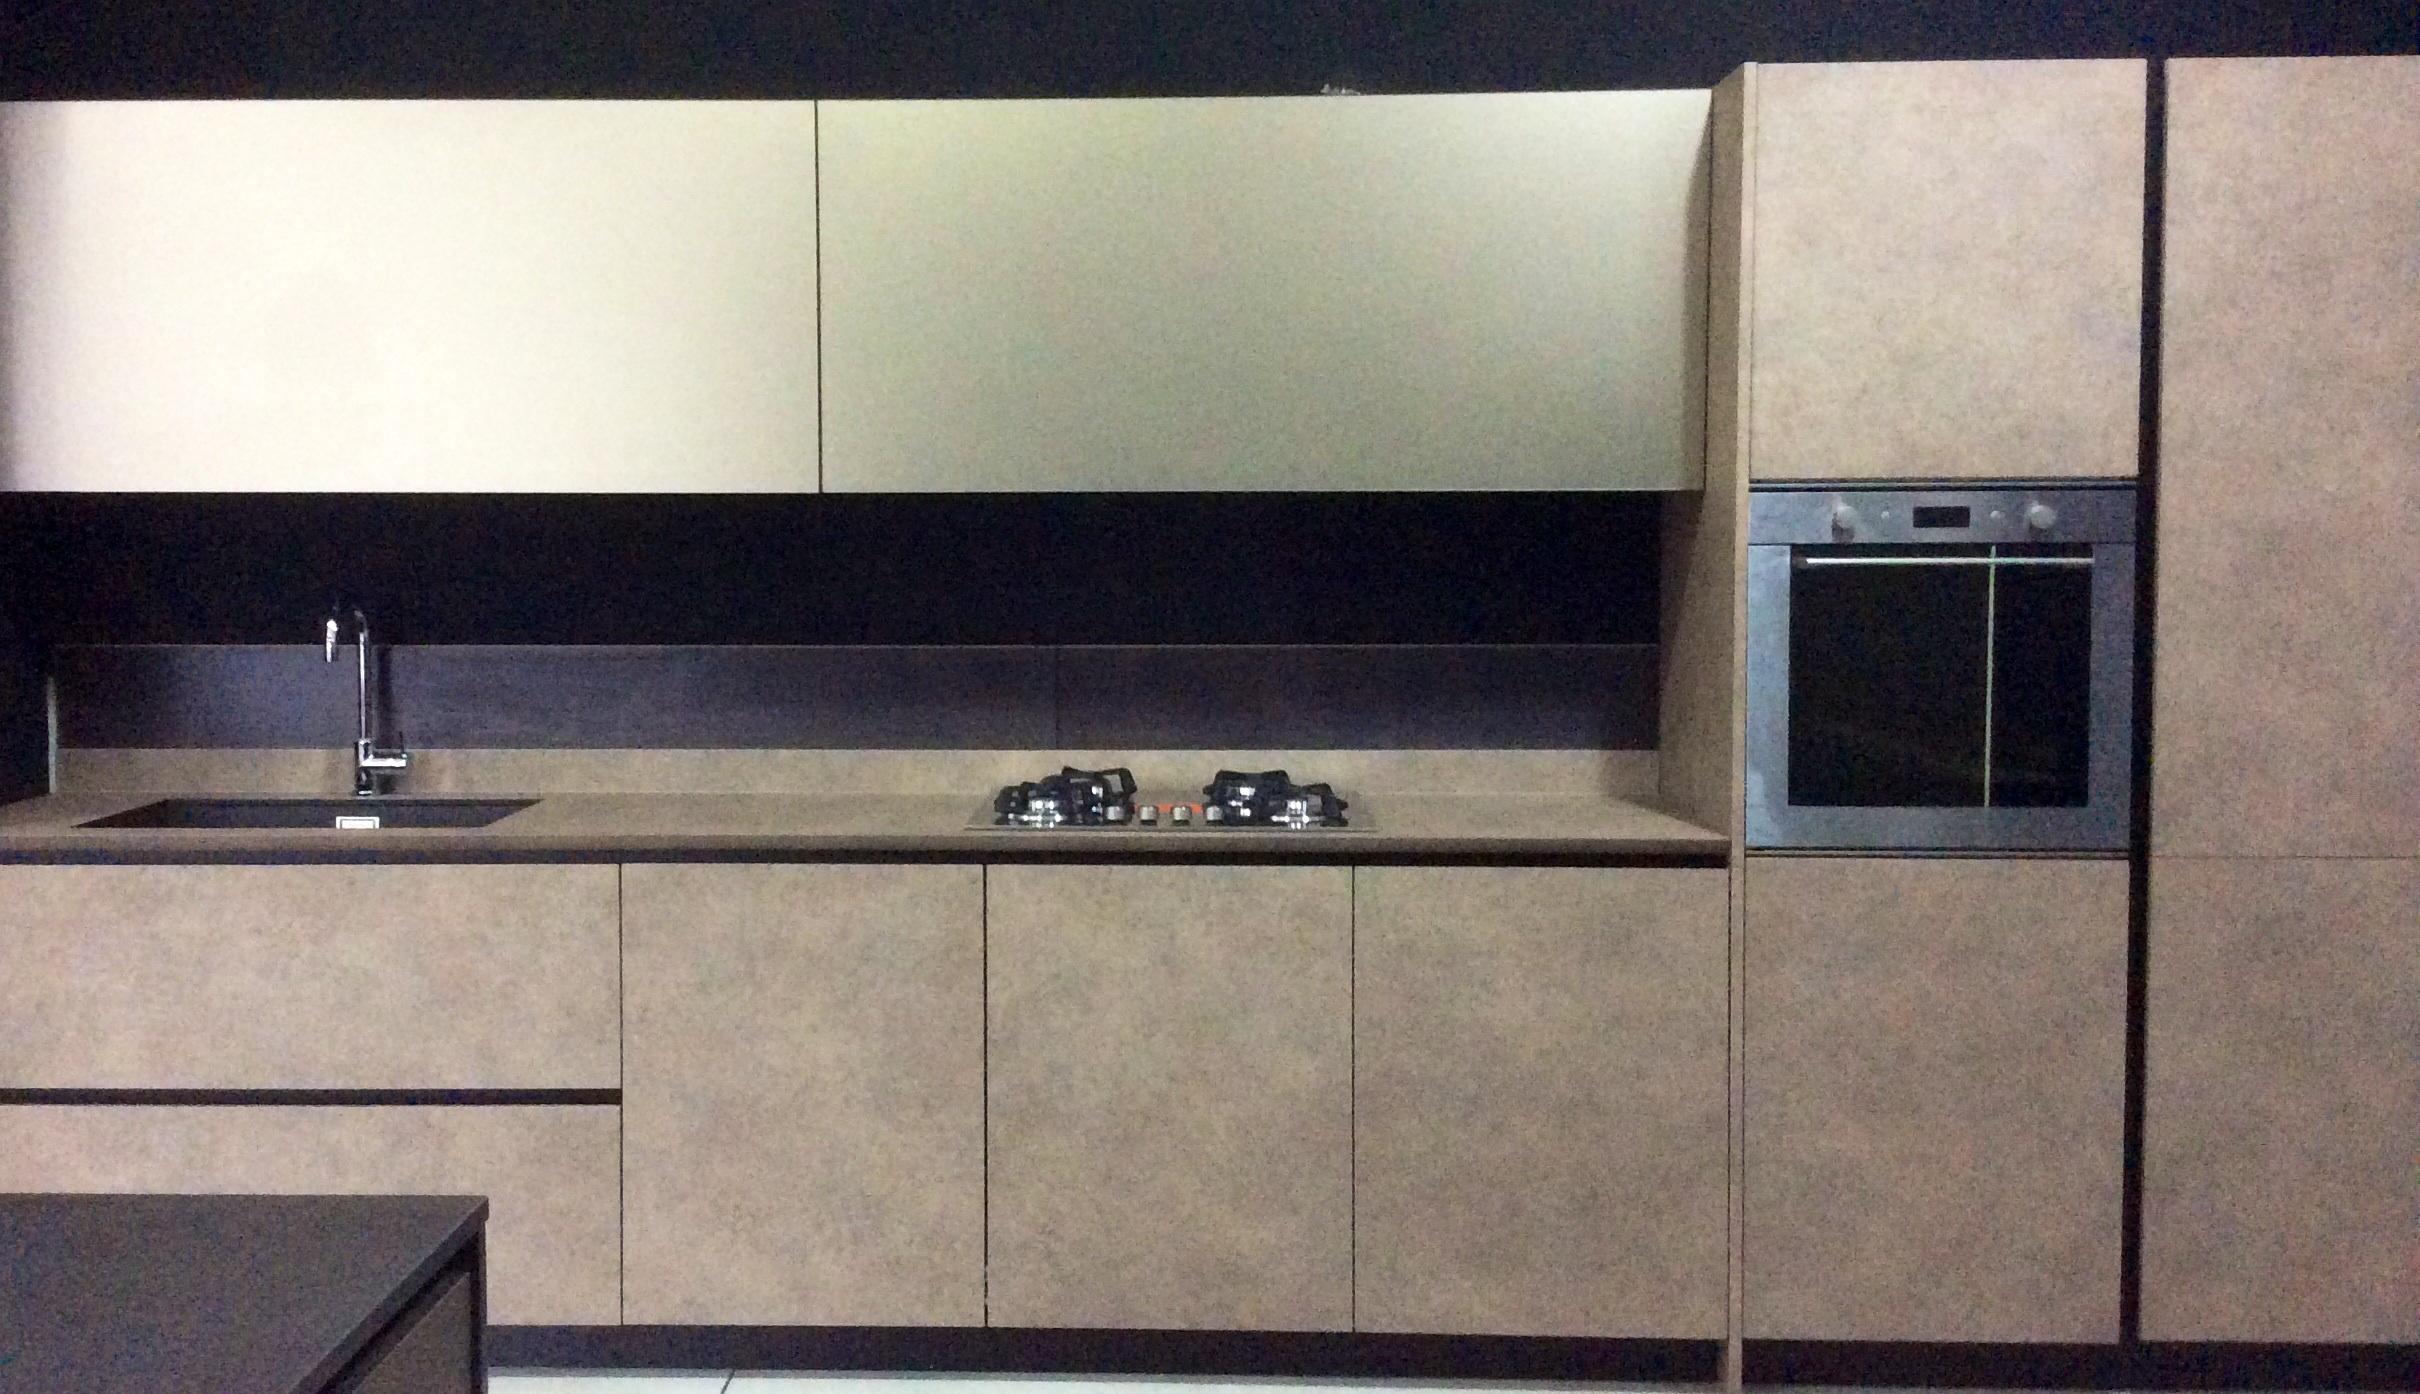 Cucina Del Tongo - Design Per La Casa - Aradz.com